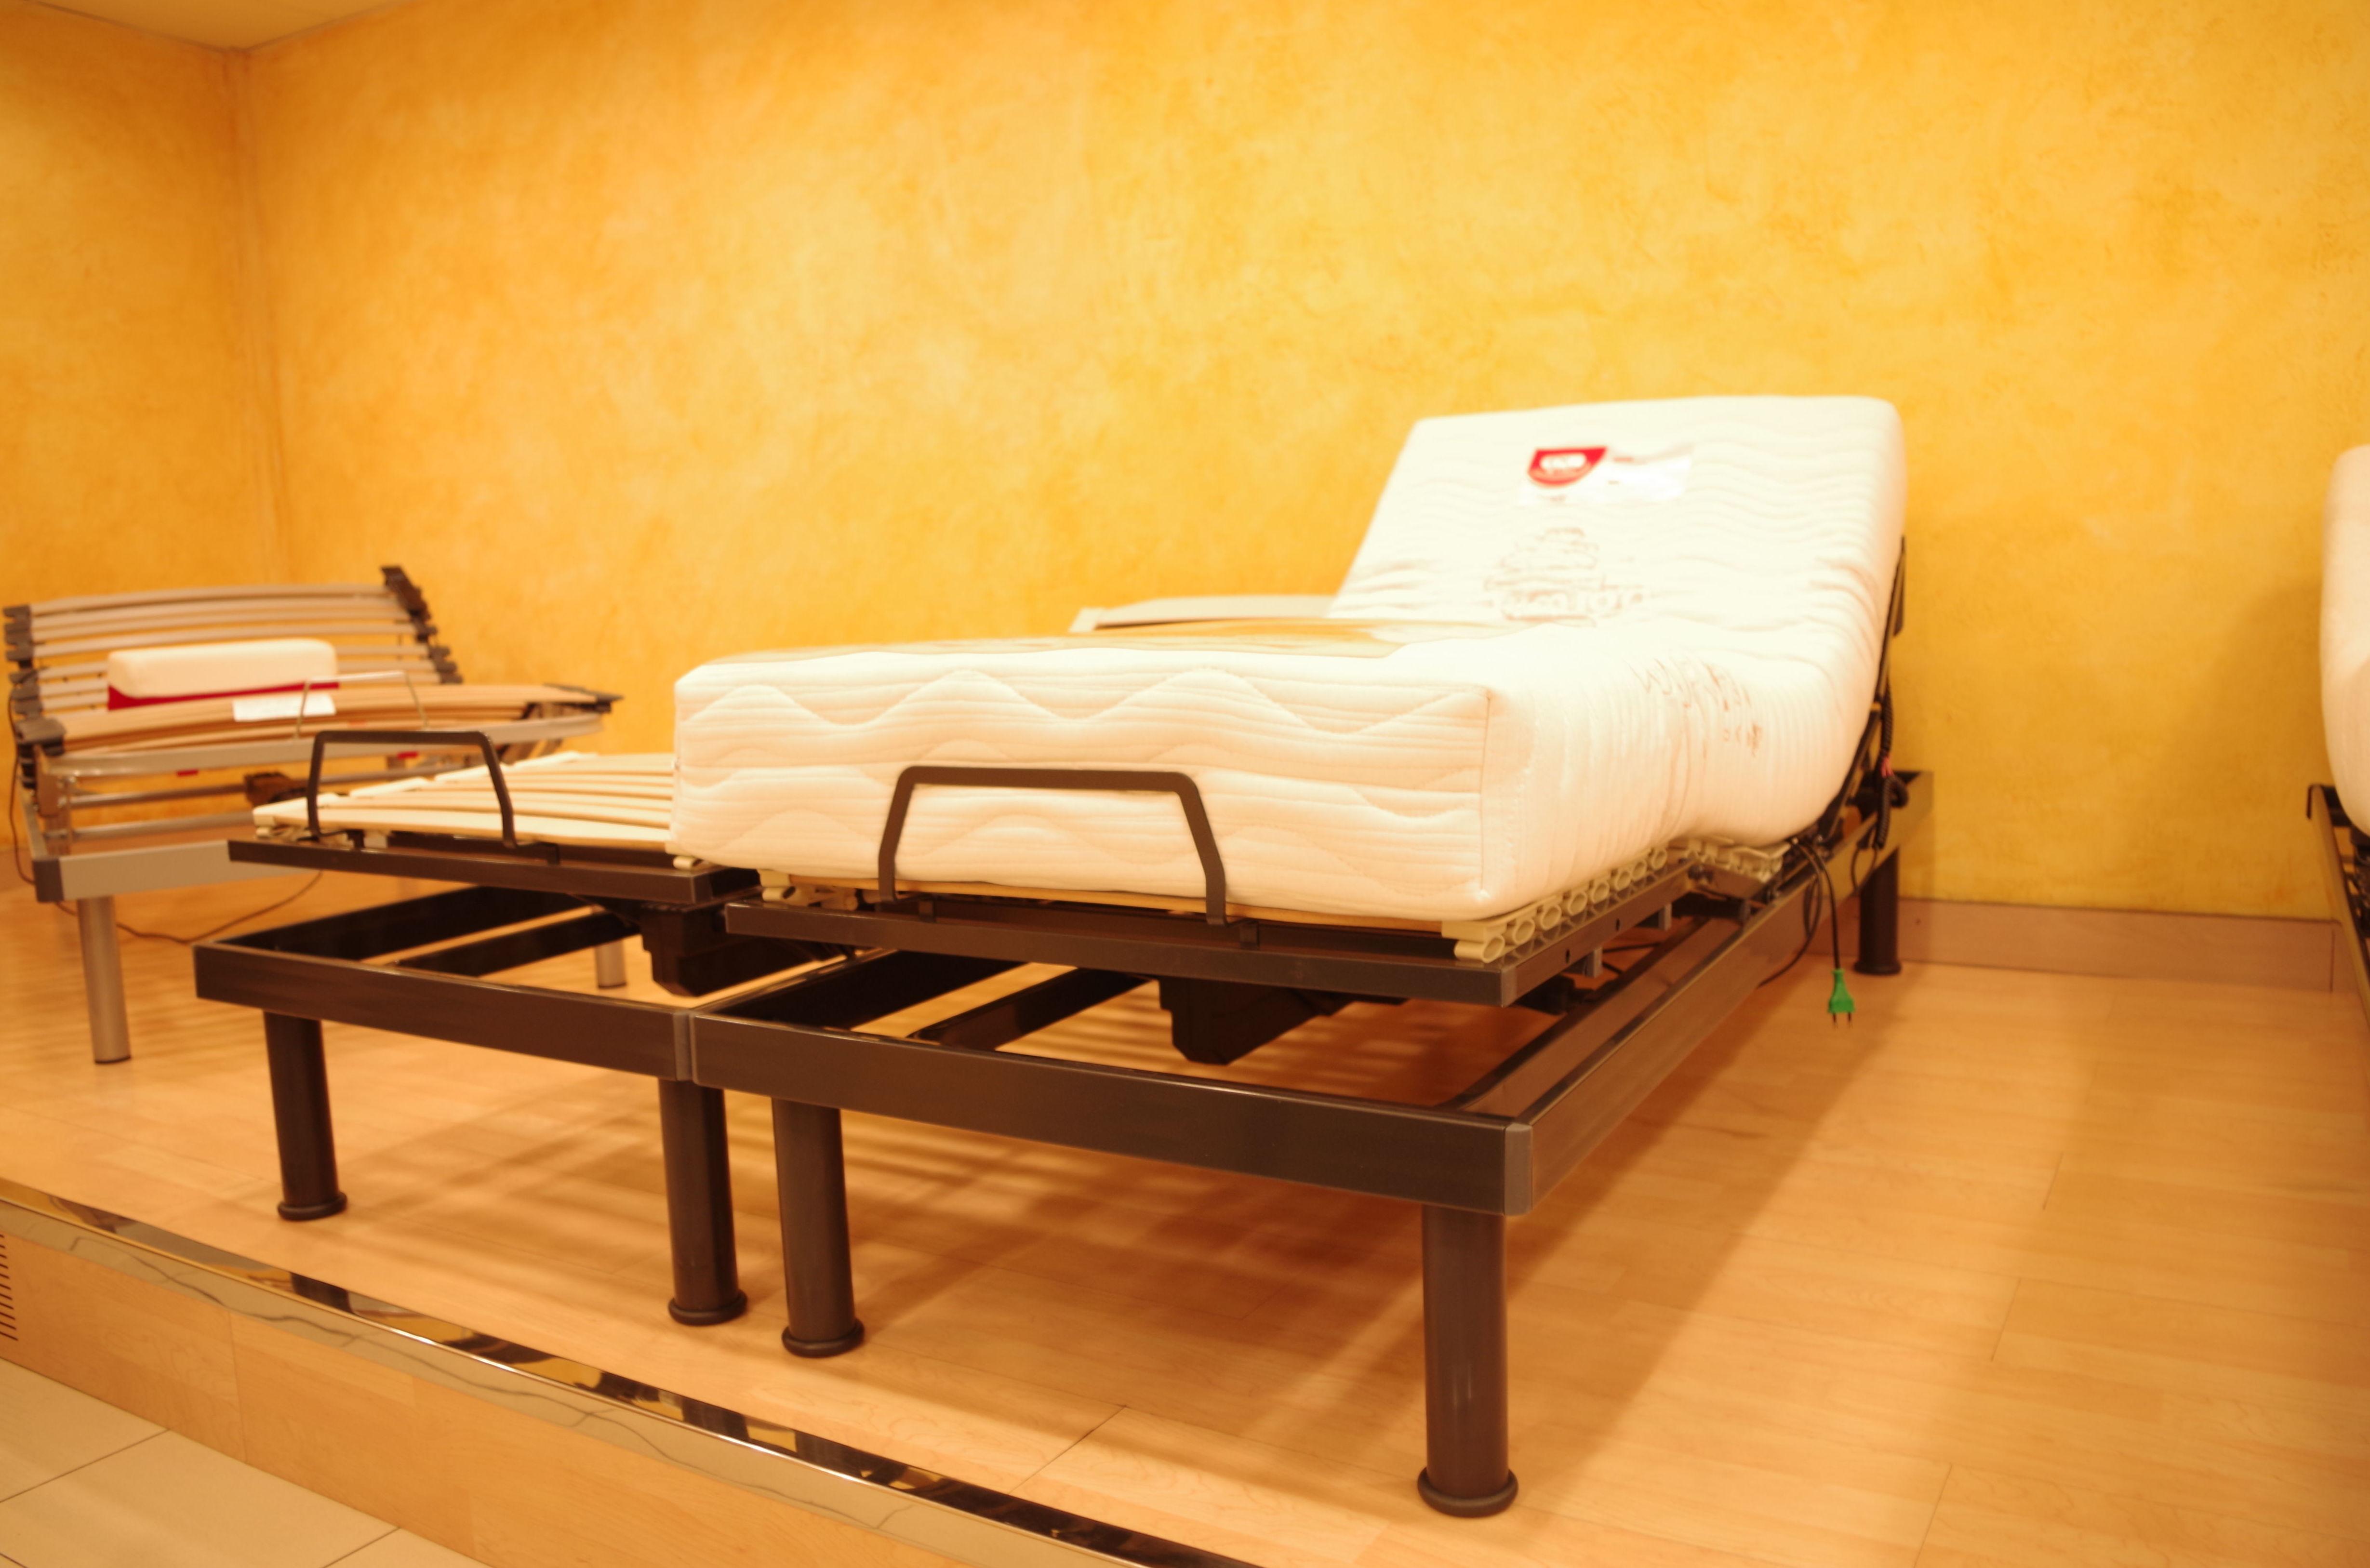 Colchones y camas articuladas en Santa Coloma de Gramenet